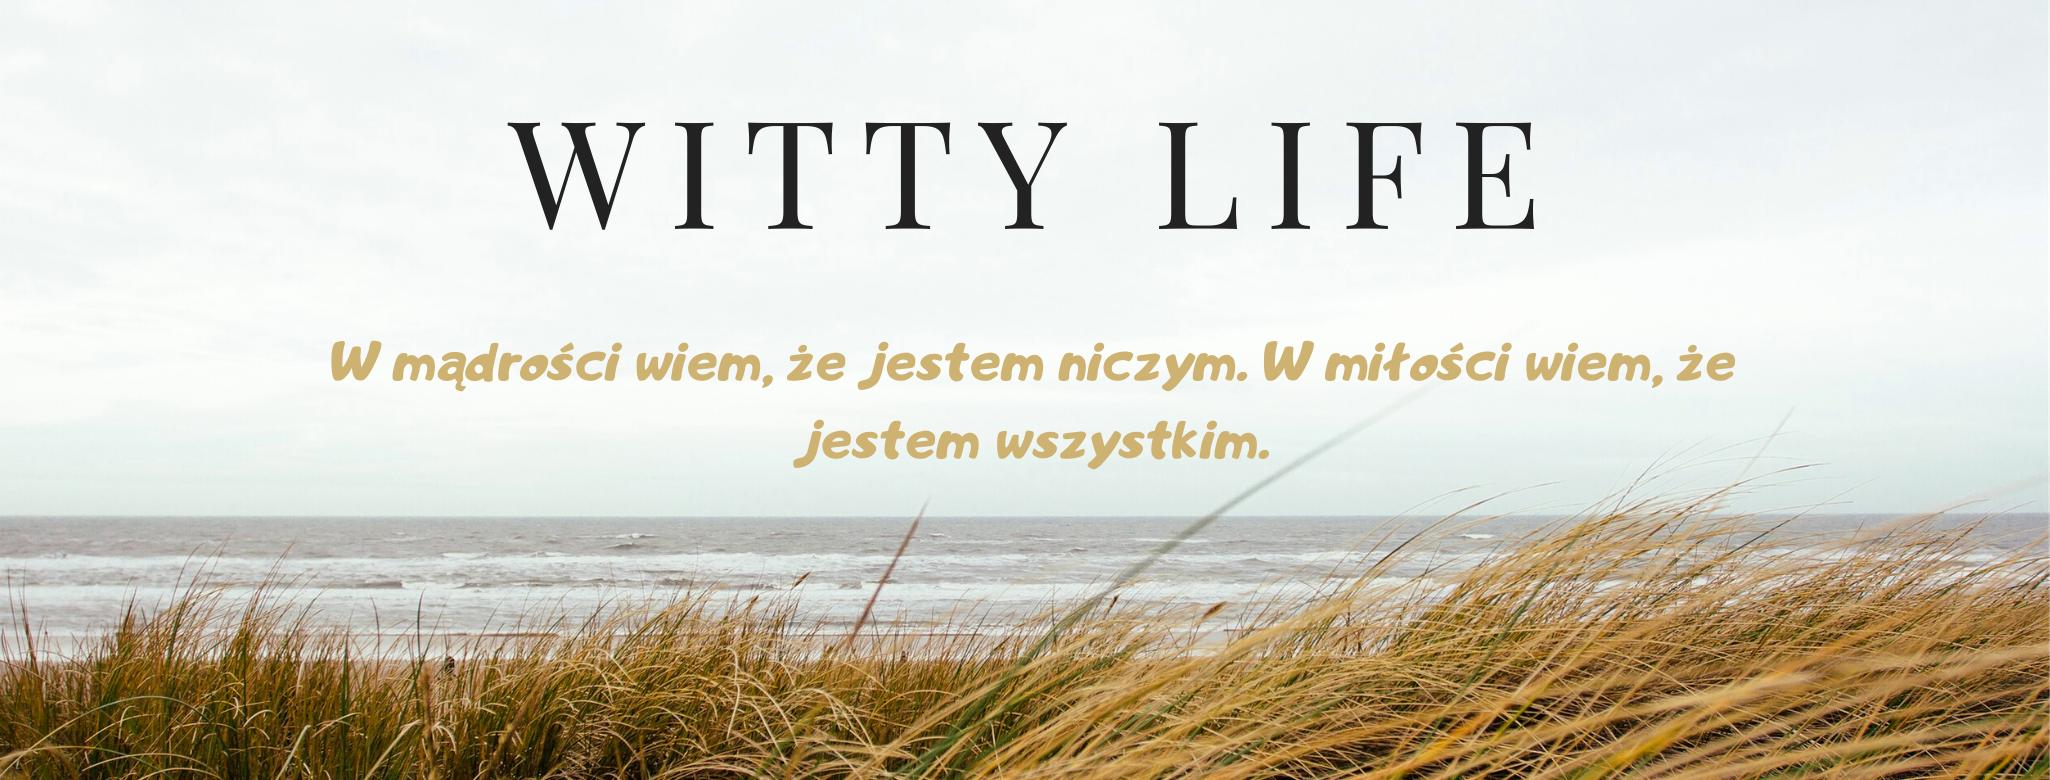 WittyLife